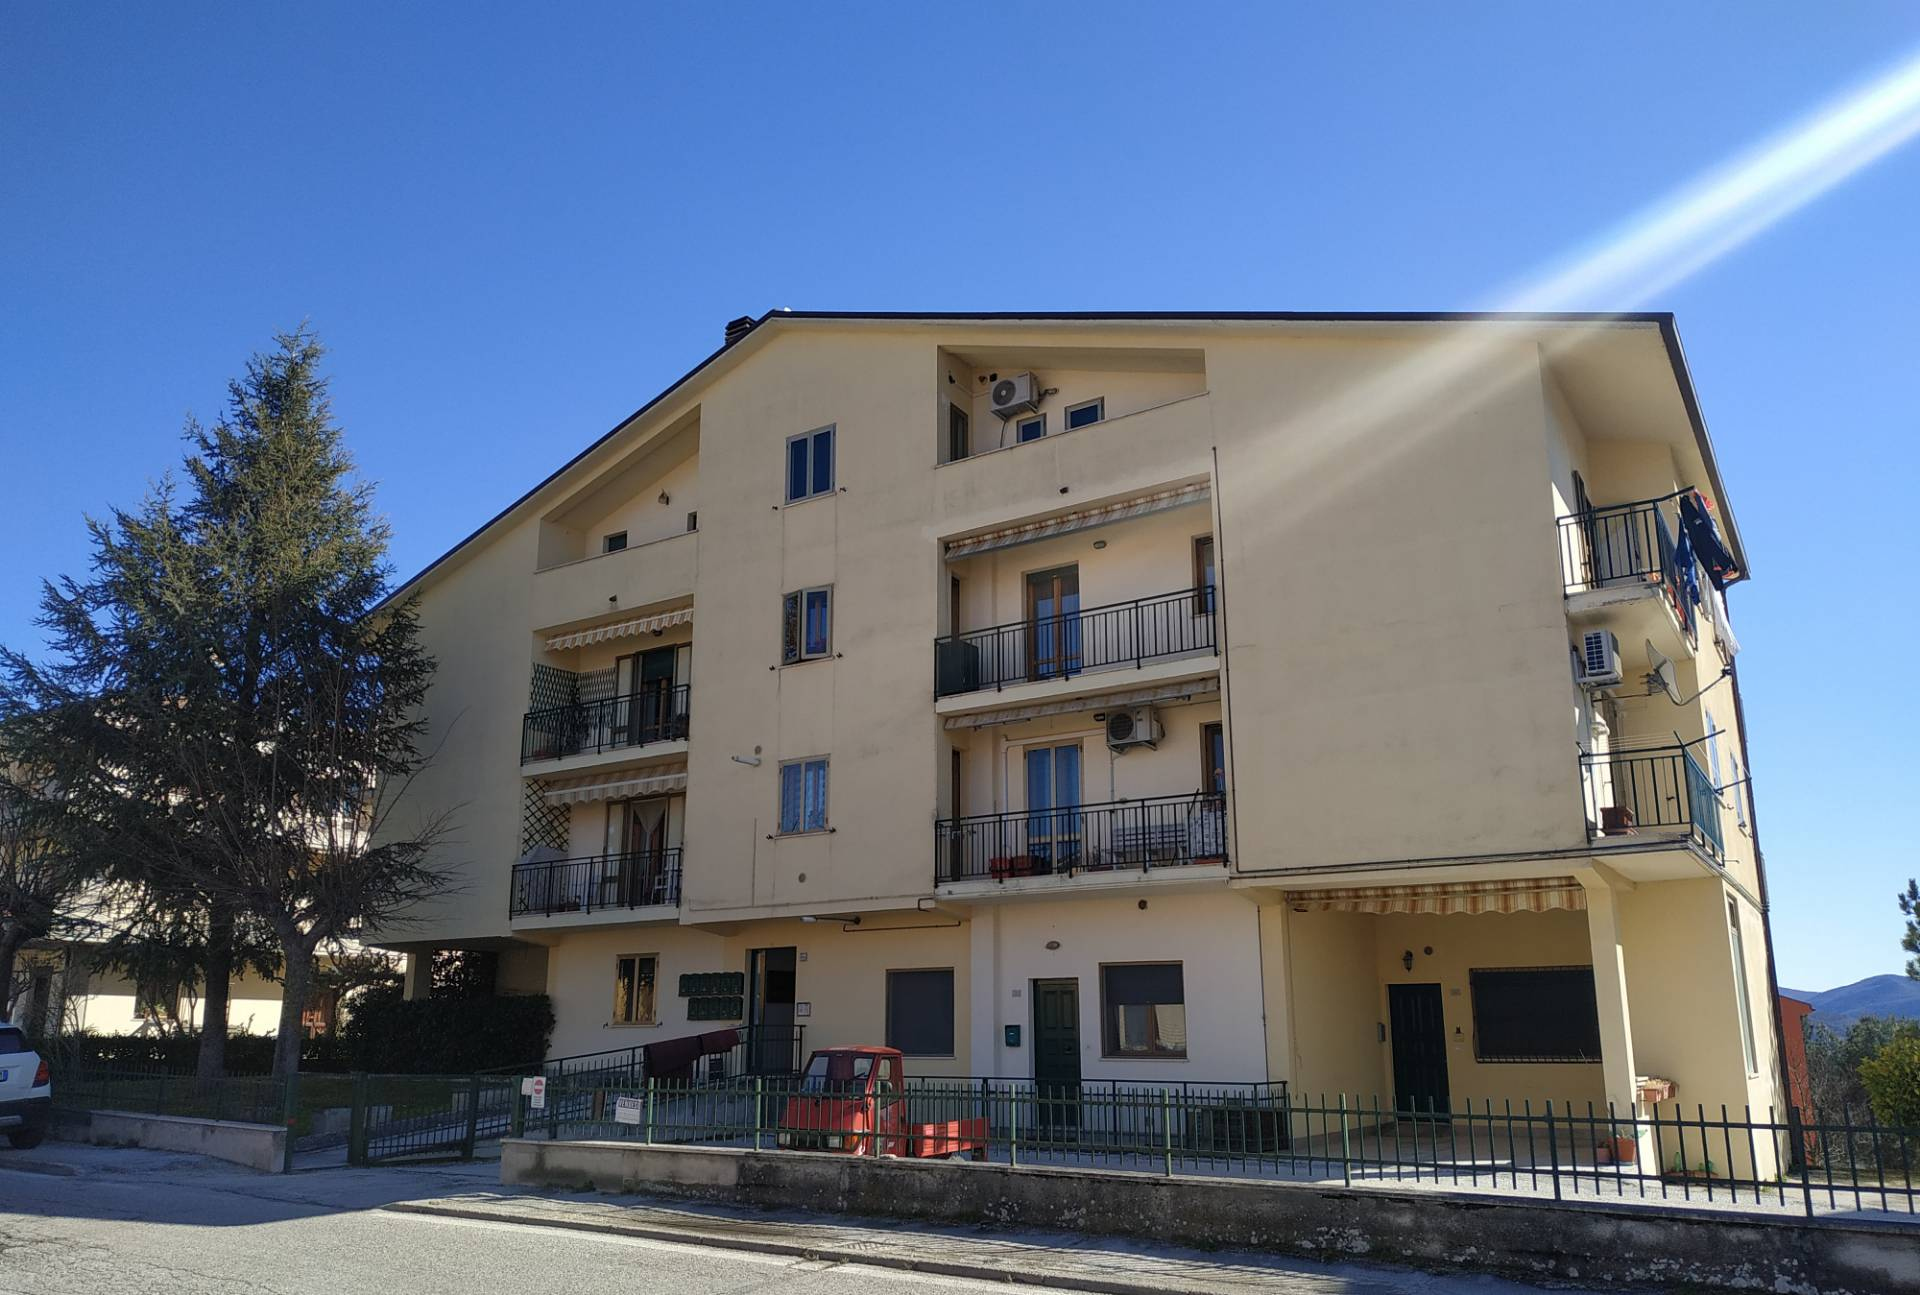 Appartamento in vendita a Sassoferrato Castello, Sassoferrato (AN)